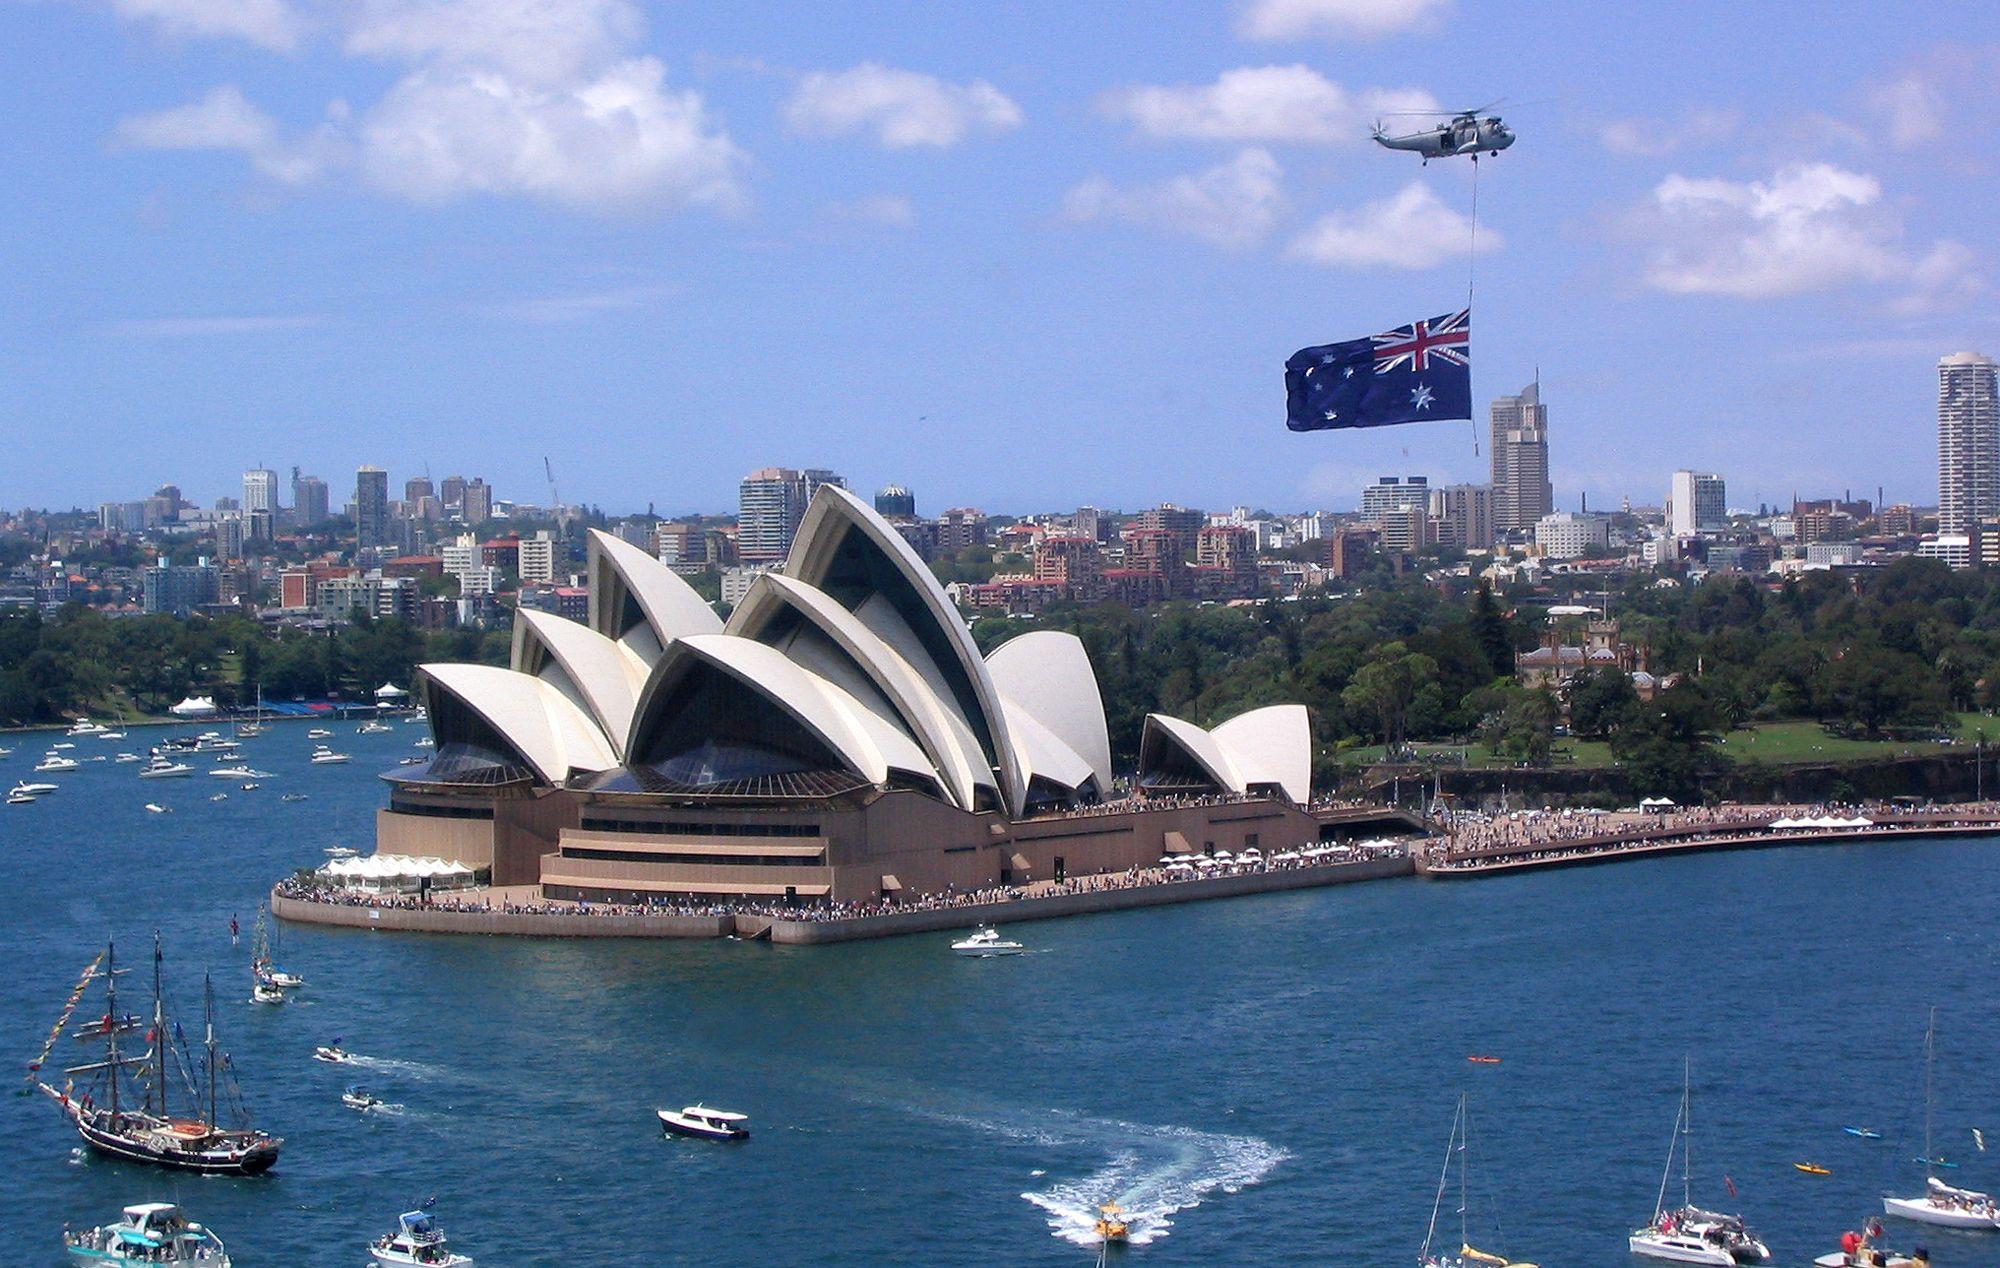 अस्ट्रेलियाका प्रधानमन्त्रीले आफ्नै देश फर्क भनेपछि नेपाली विद्यार्थी अन्योलमा